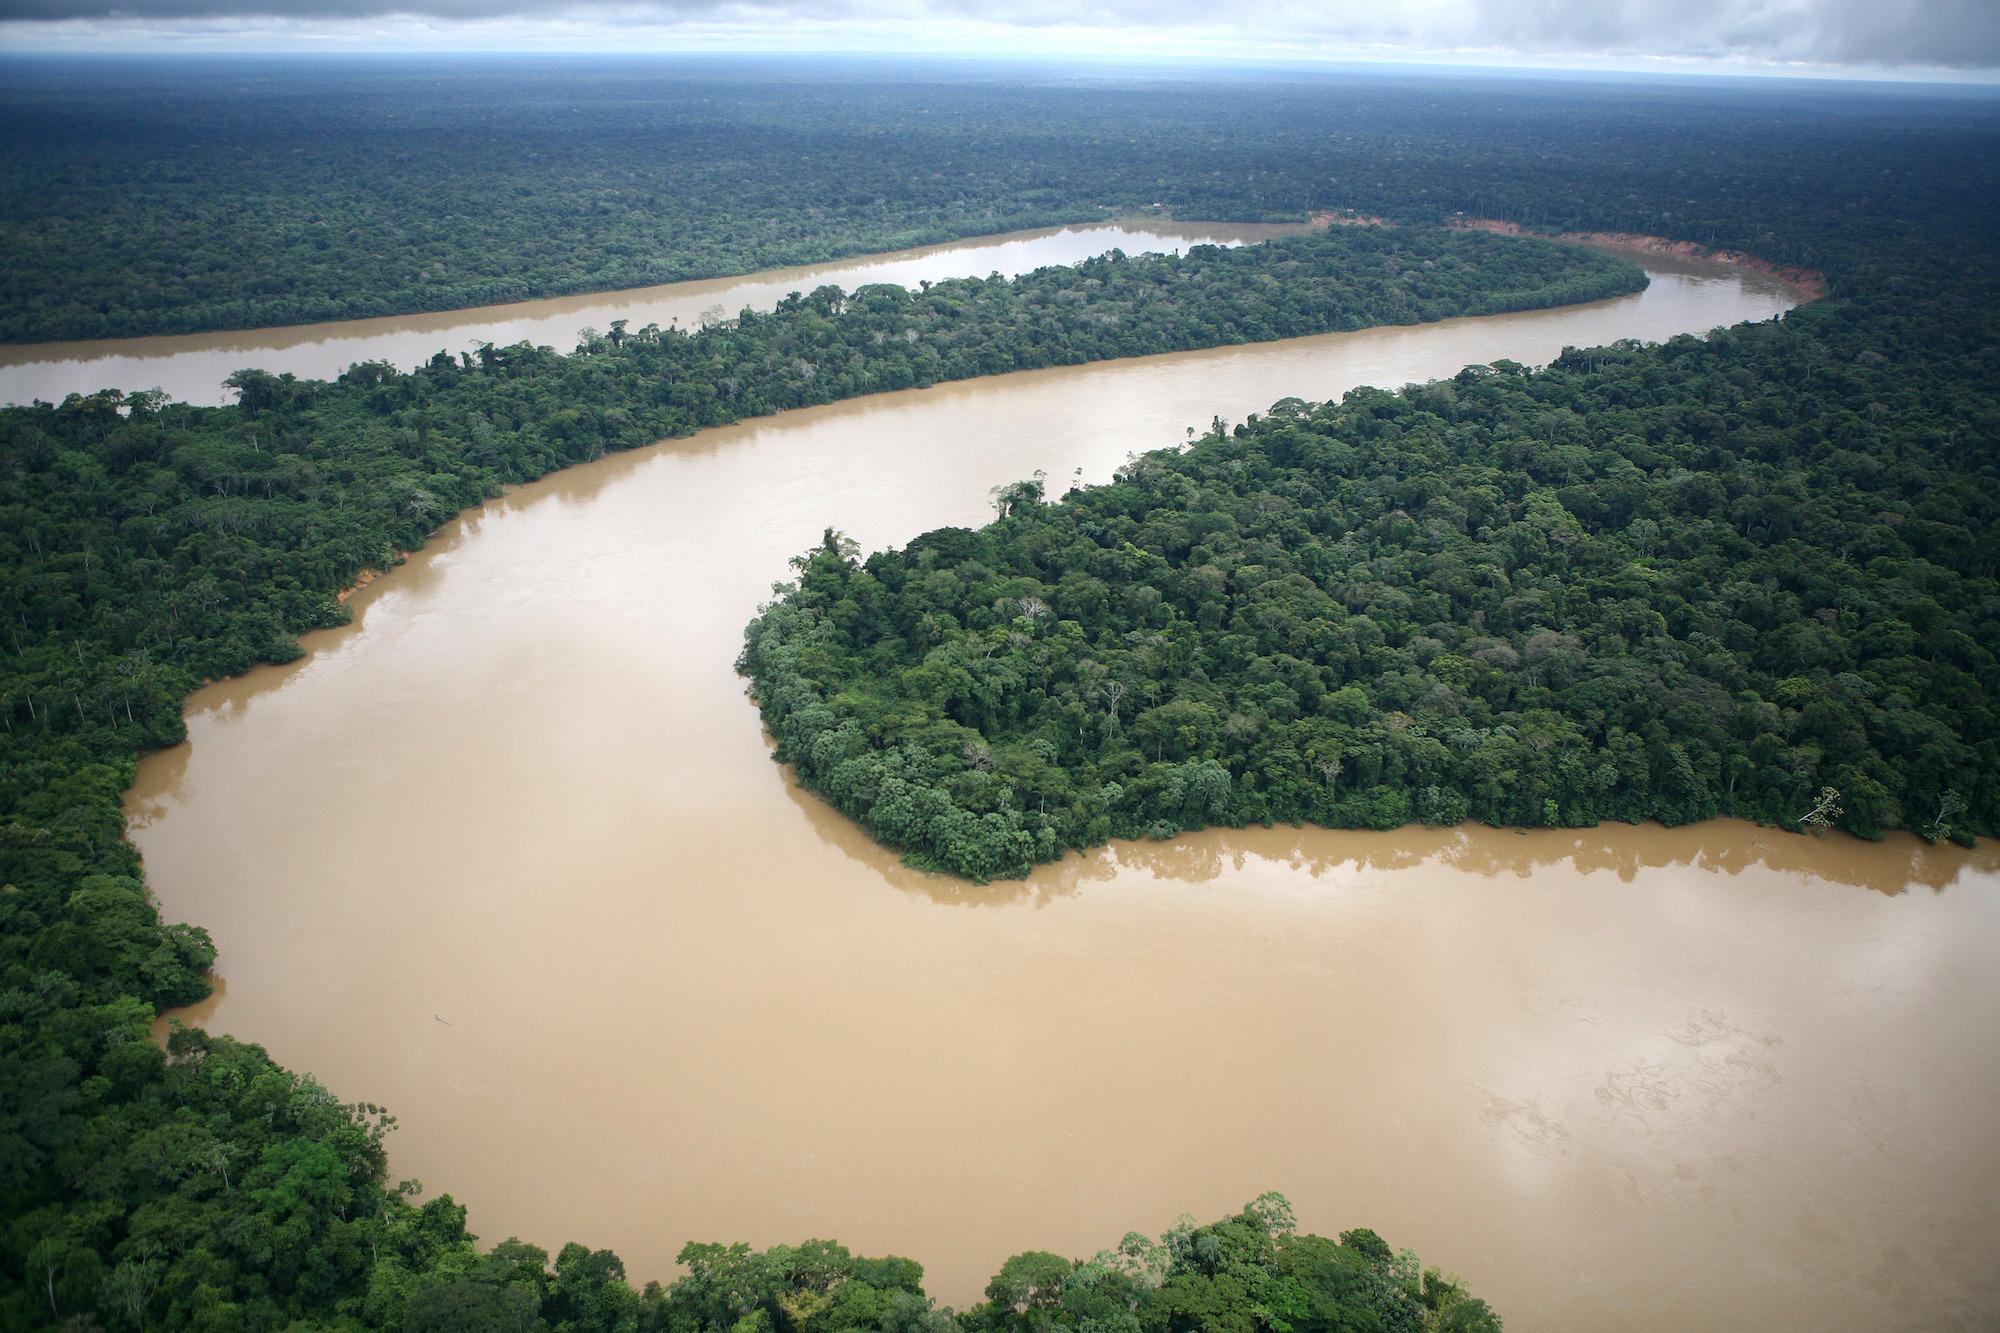 La Amazonía perdió la quinta parte de su territorio en los últimos 50 años. Foto: Brent Stirton / Getty Images.